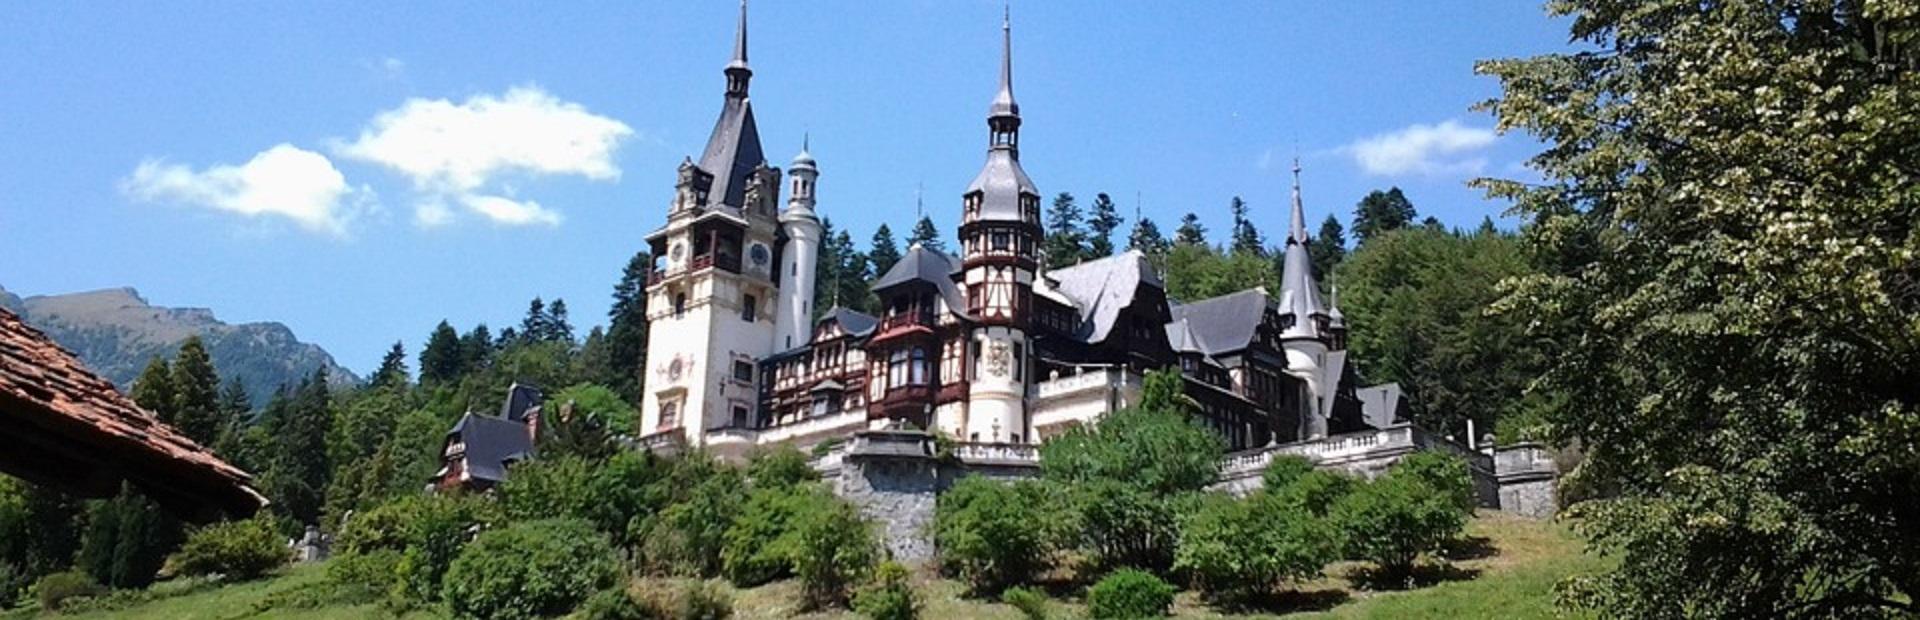 castle-78498_960_720